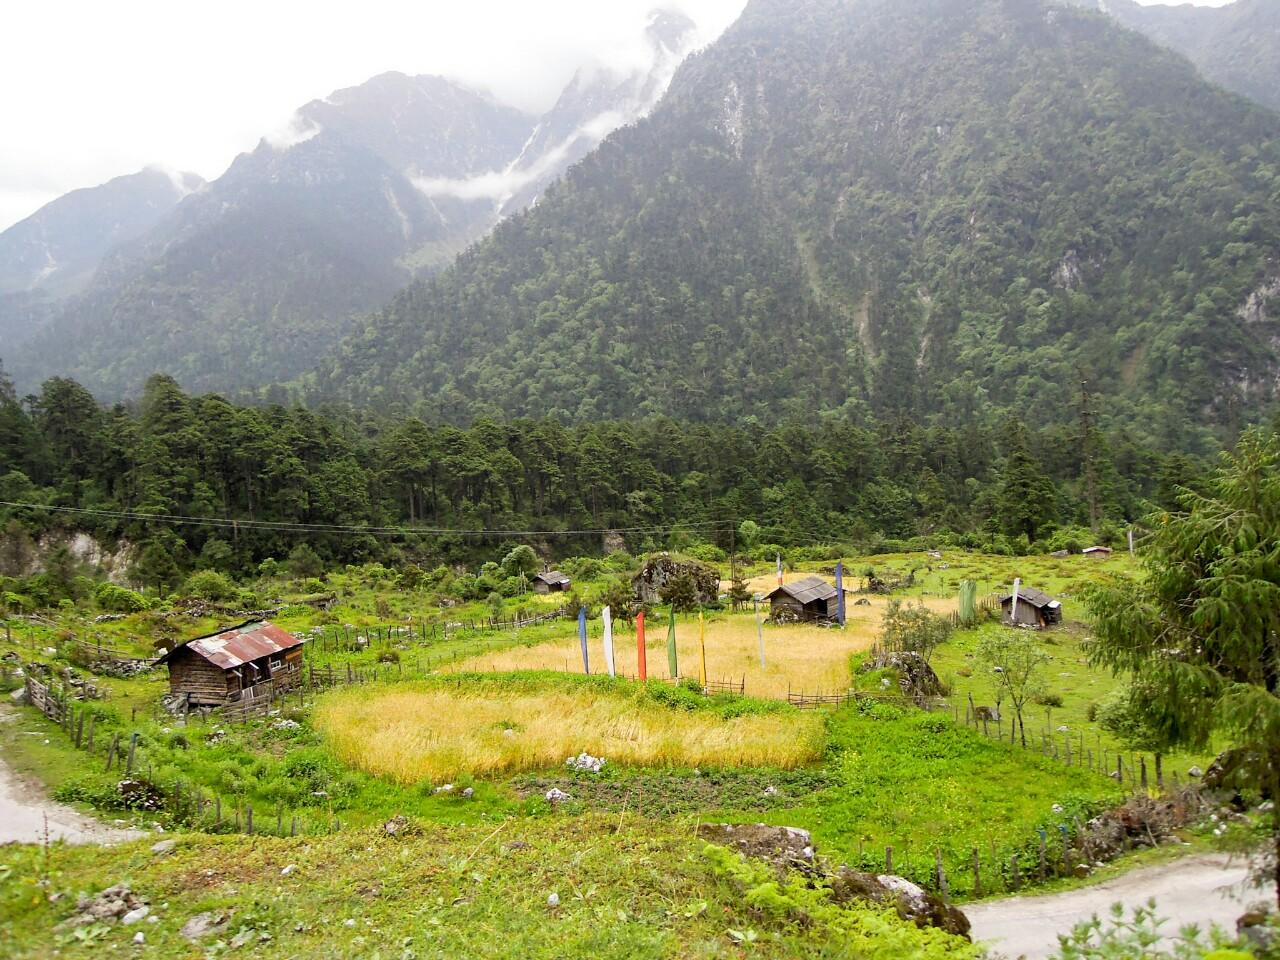 Biolandbau in Bergregion Nord Sikkim (c) Reinhard Gessl organic17.org